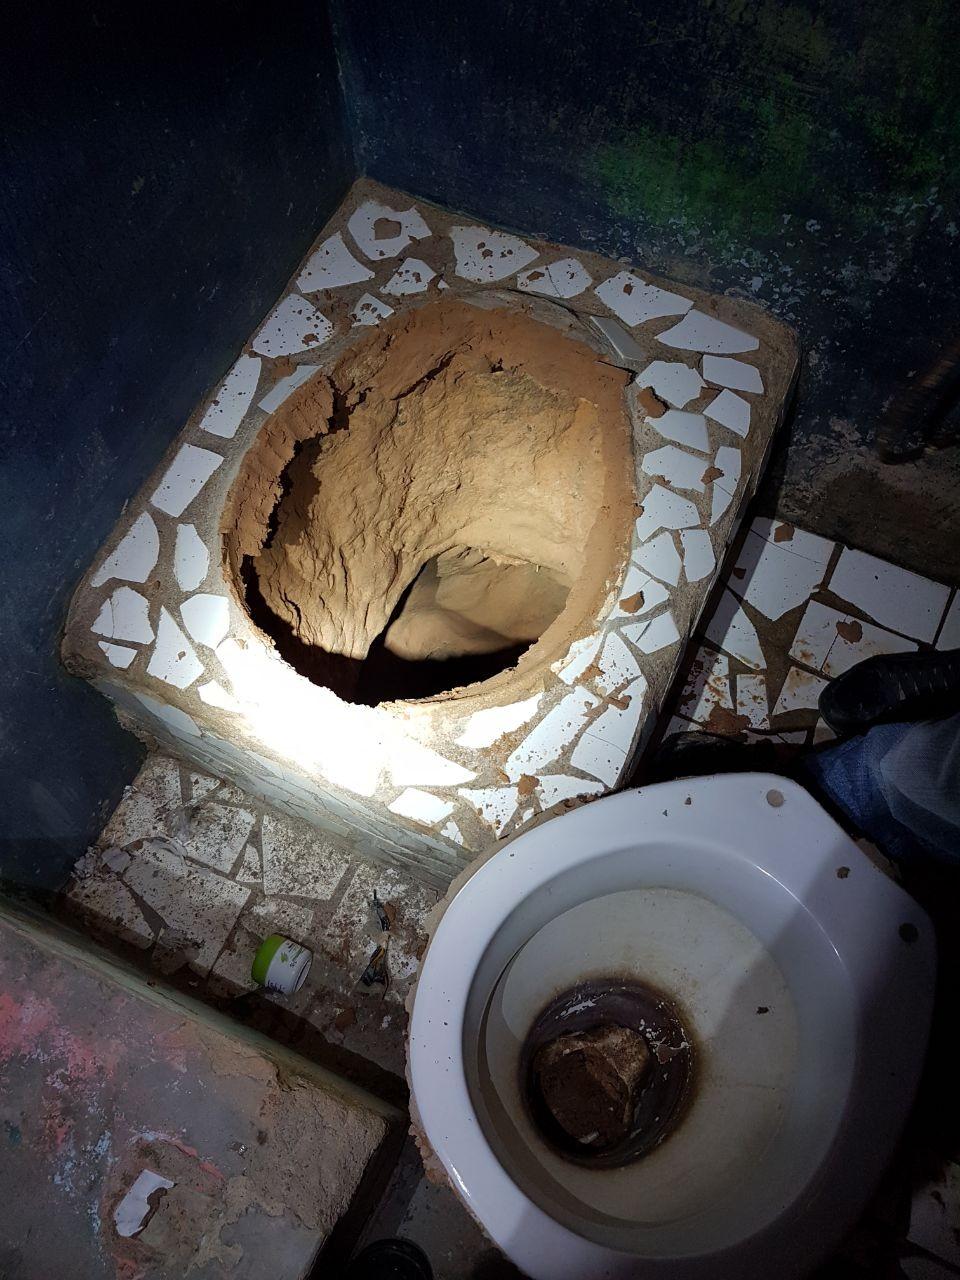 Polícia acha túnel de 70 metros que começava em vaso sanitário de cela na penitenciária agrícola de Roraima